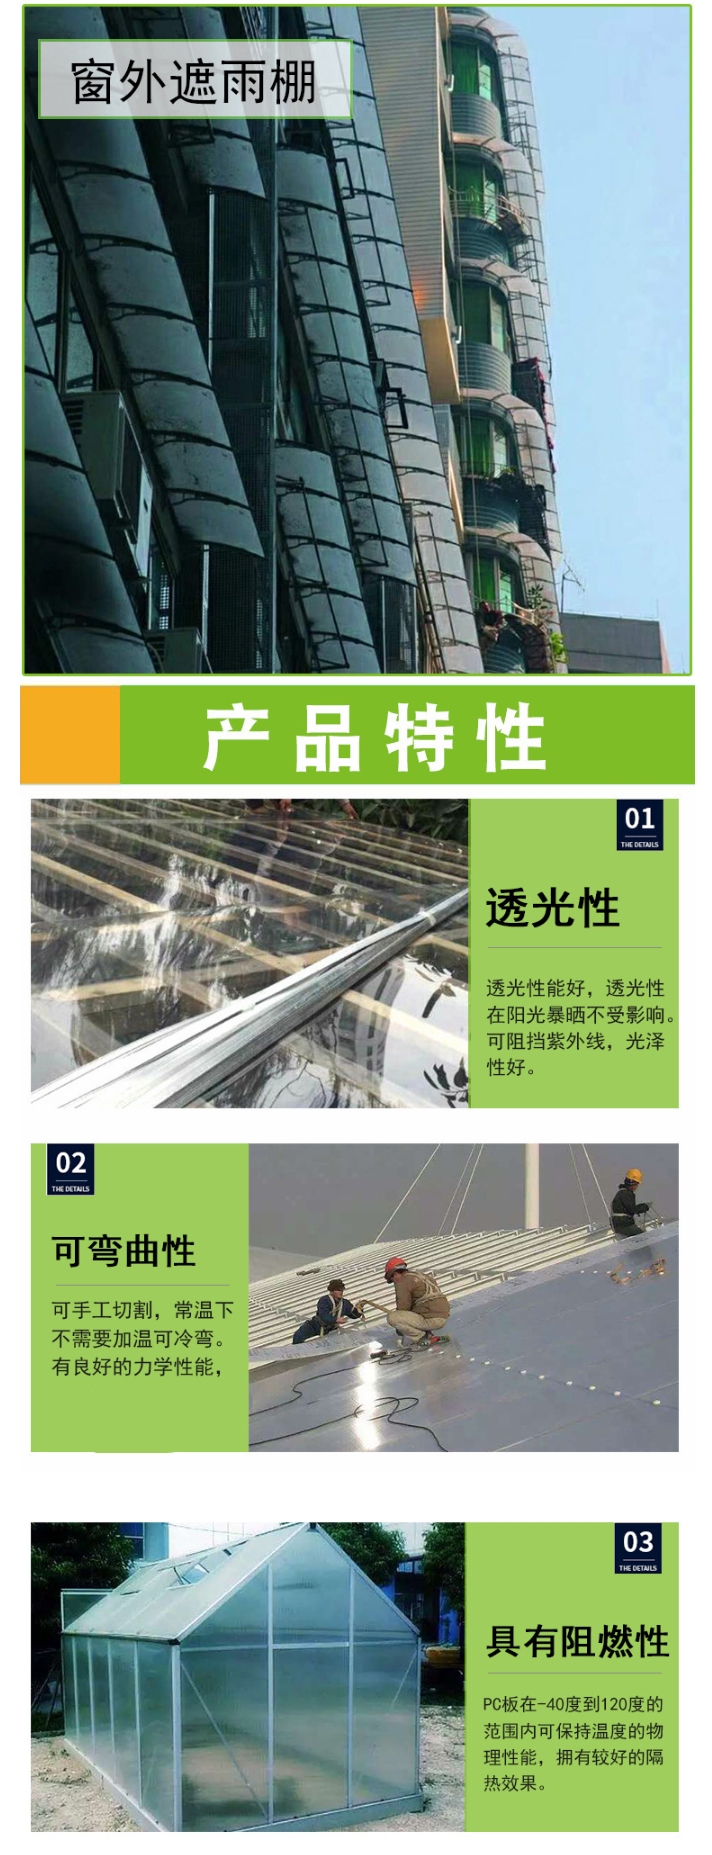 雨棚陽光板_聚碳酸酯板材耐力板廠家透明湖藍可定制雨棚---阿里巴巴_04.jpg